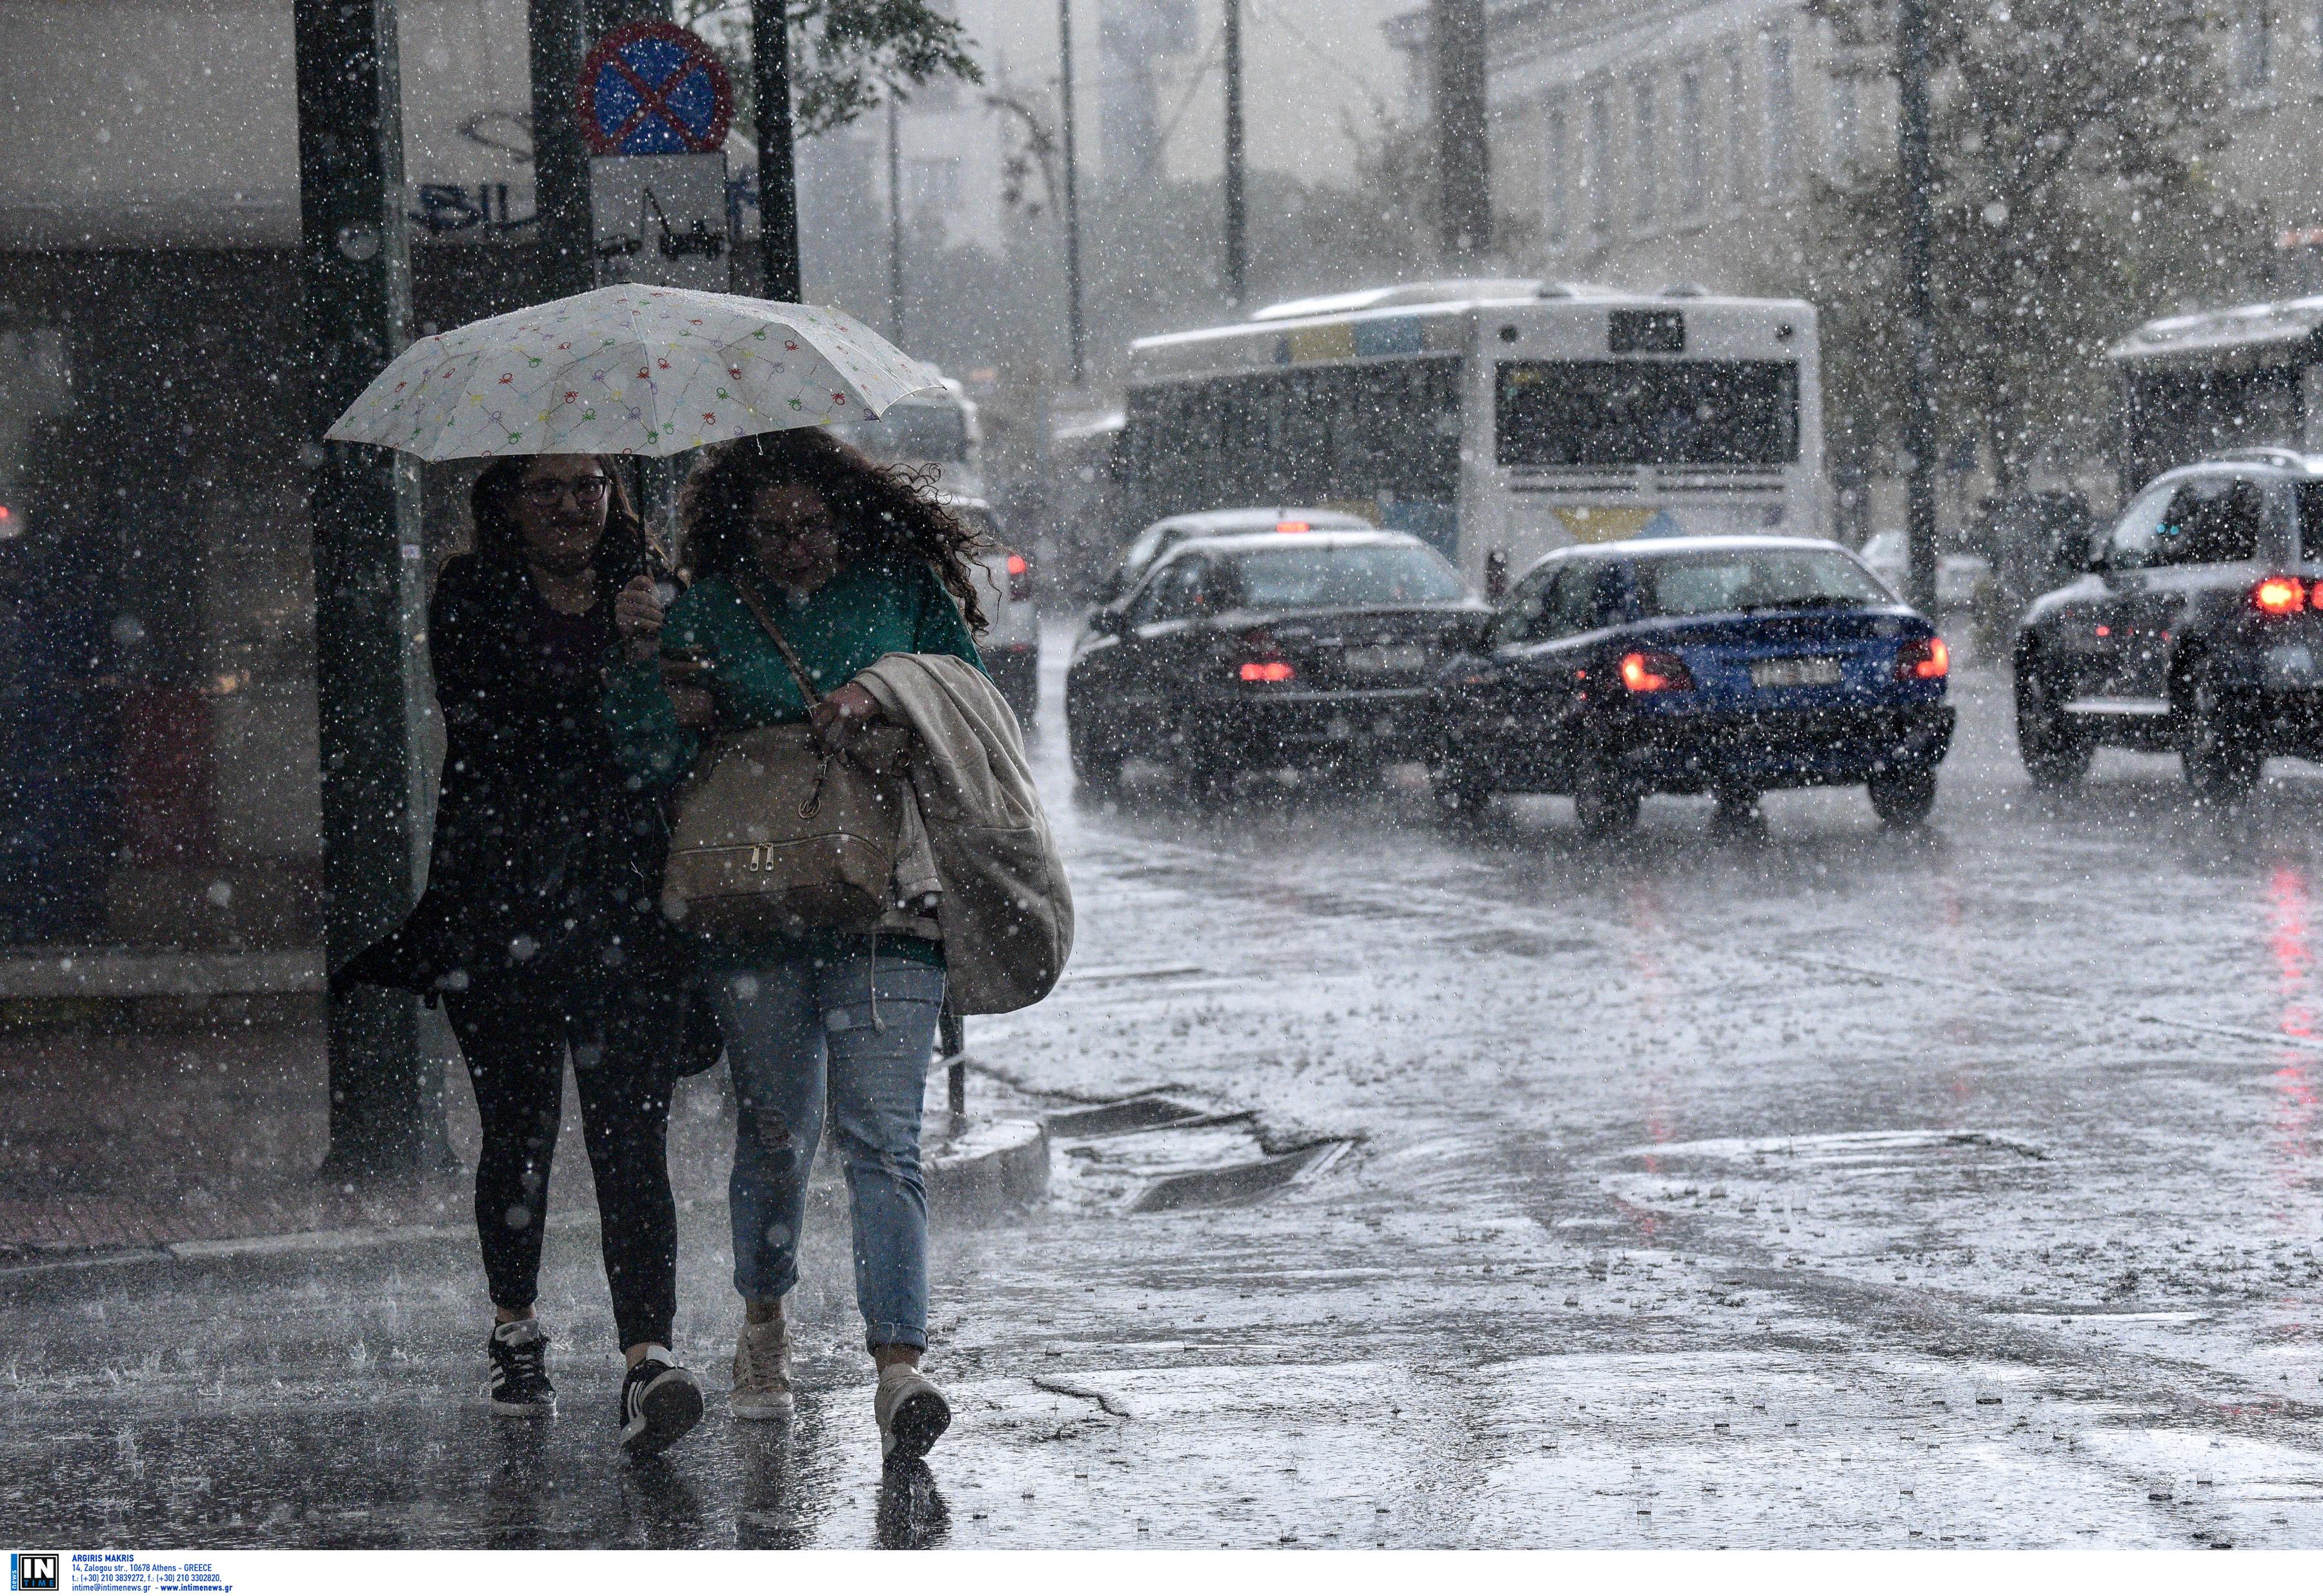 Καιρός σήμερα: Τσαγκαροδευτέρα με τσουχτερό κρύο, βροχή και βοριάδες